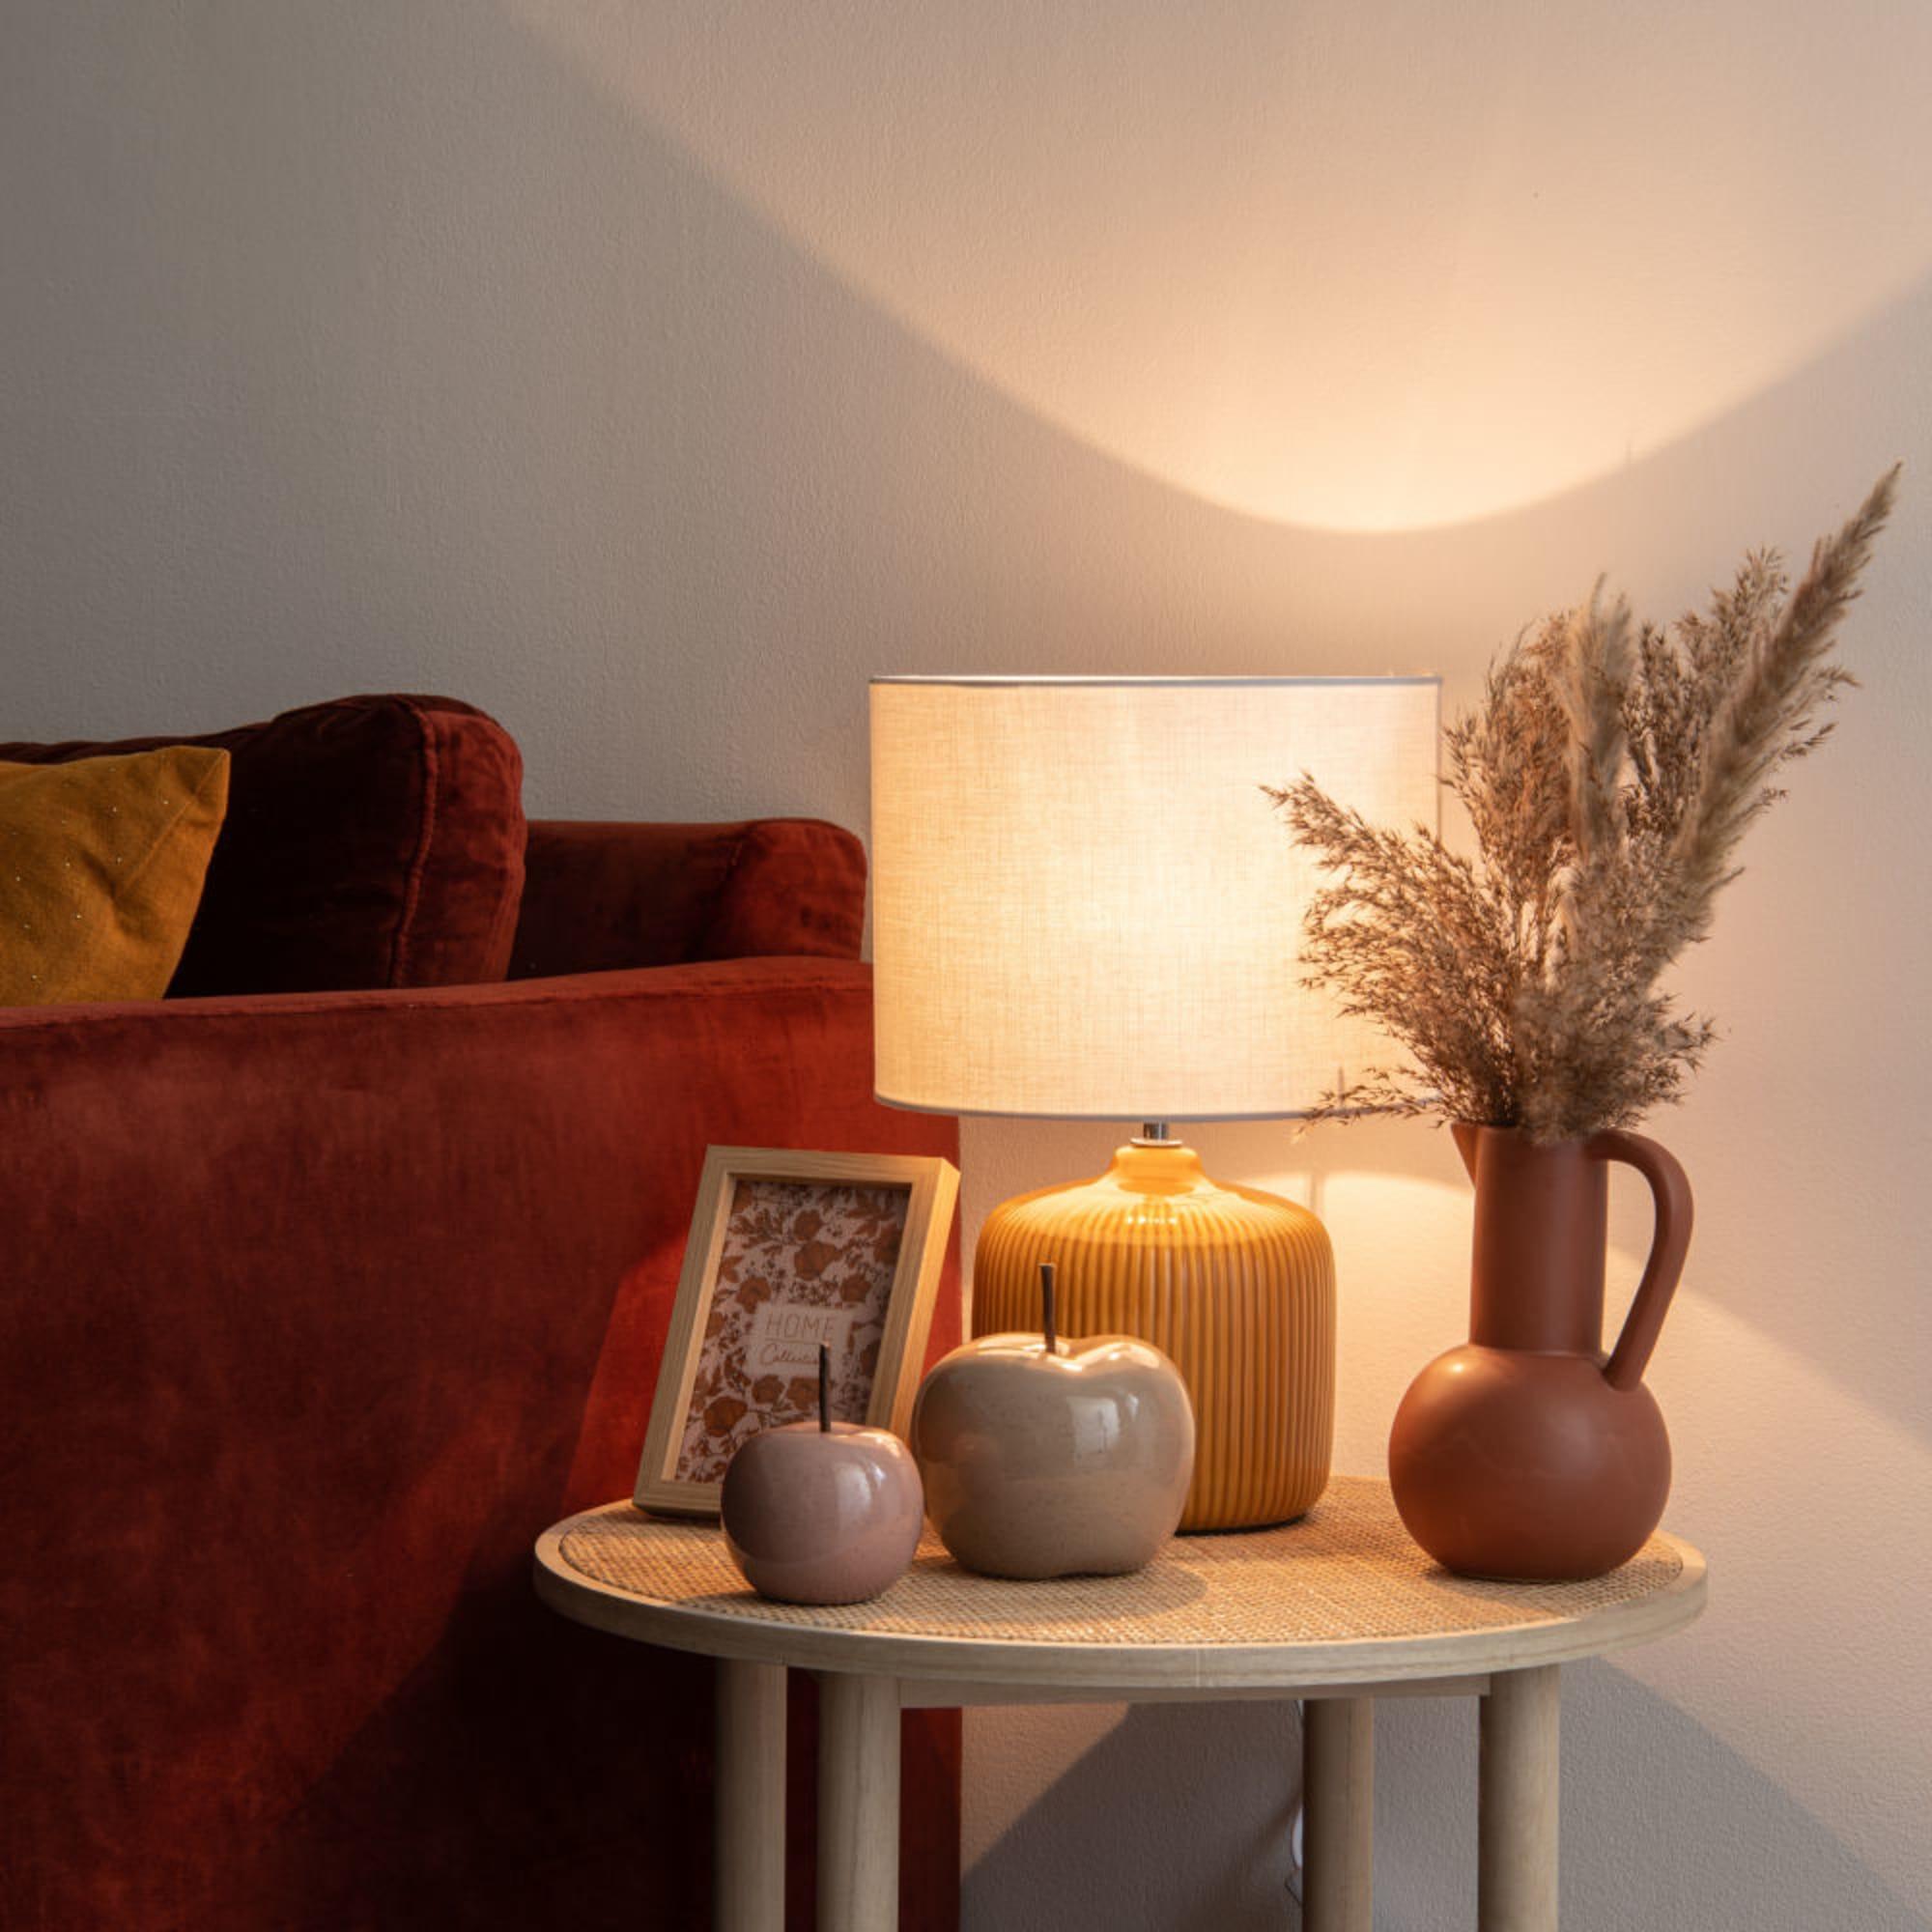 Lámpara de cerámica amarilla con pantalla en color crudo